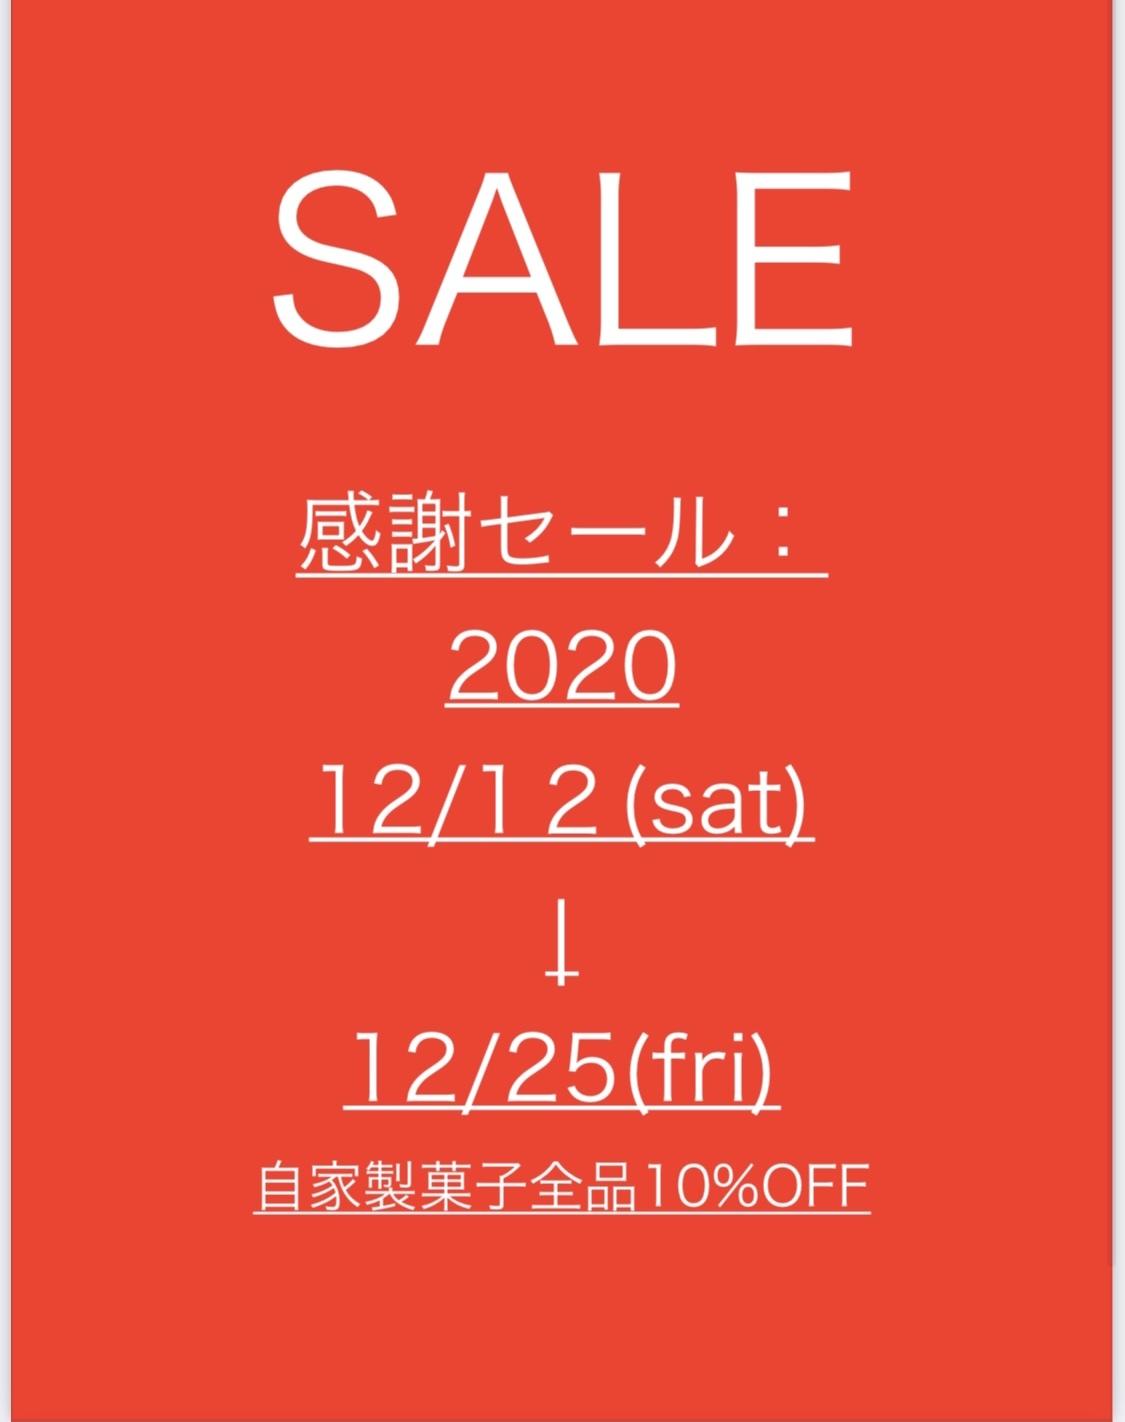 2020年末感謝SALEは 12/25(金)夕方5時まで🎄_d0293004_07215977.jpeg